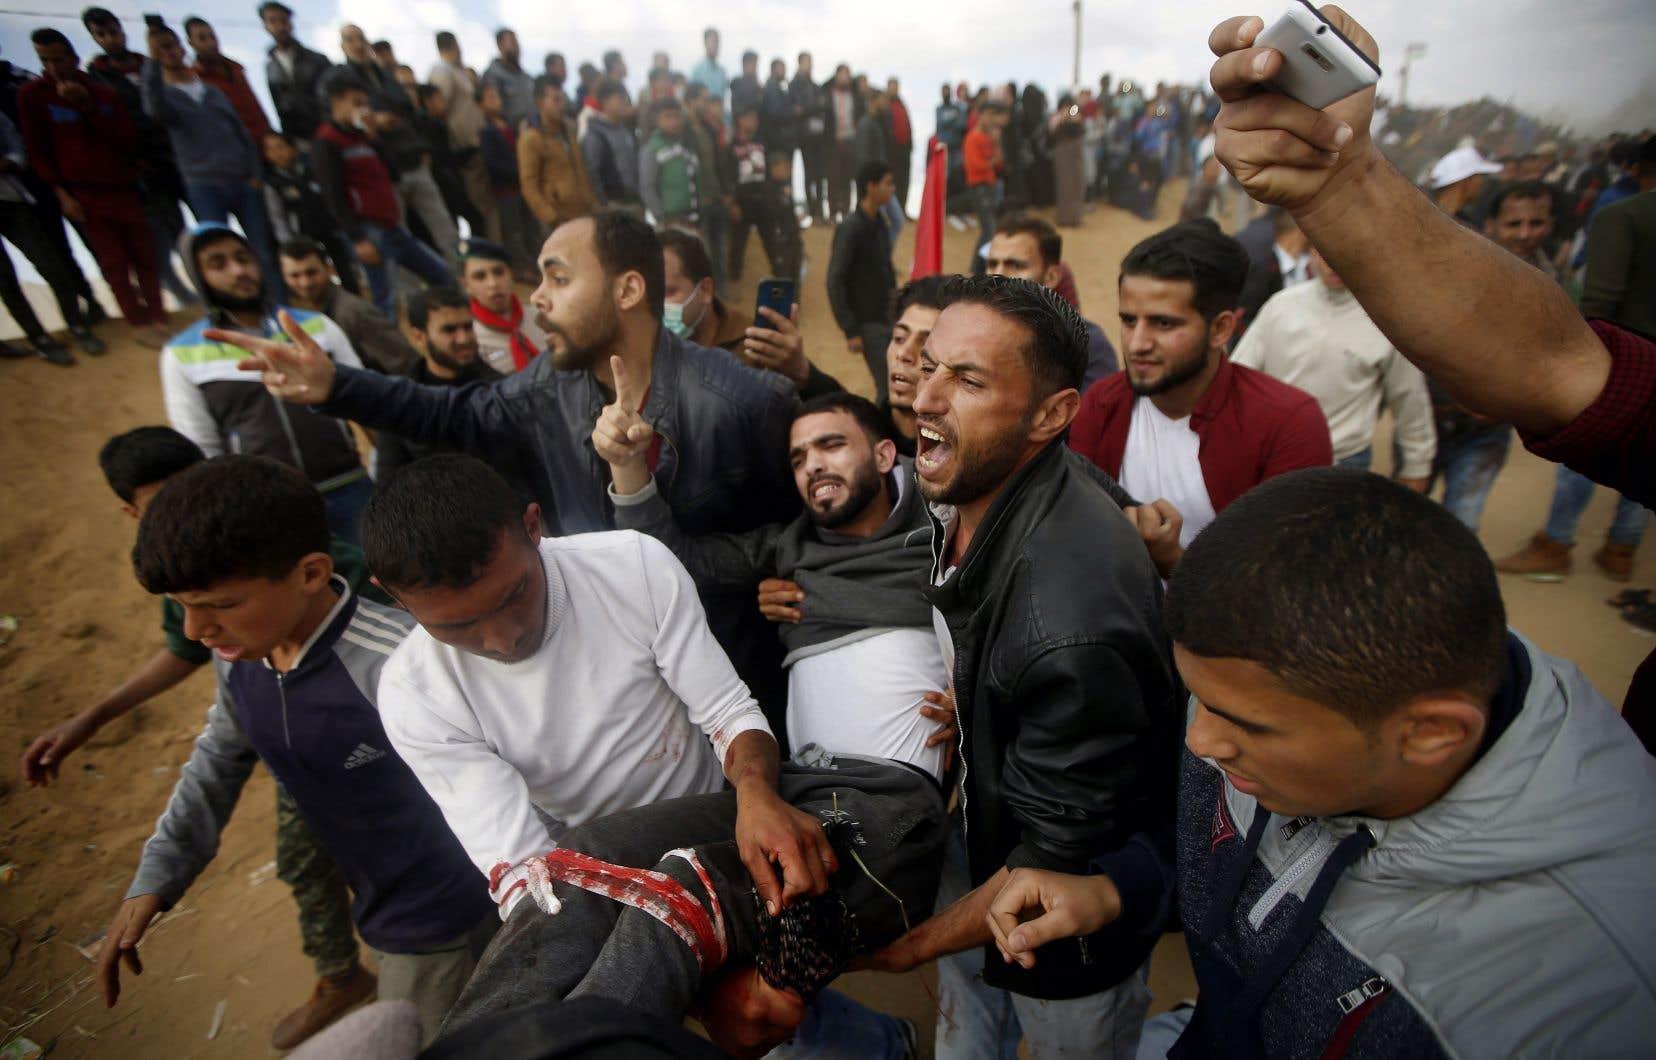 Des manifestants palestiniens ont marché par milliers vers la barrière qui sépare Israël de la bande de Gaza, vendredi, jetant des pierres et attirant les tirs des soldats israéliens qui ont fait au moins 16 morts et des centaines de blessés.